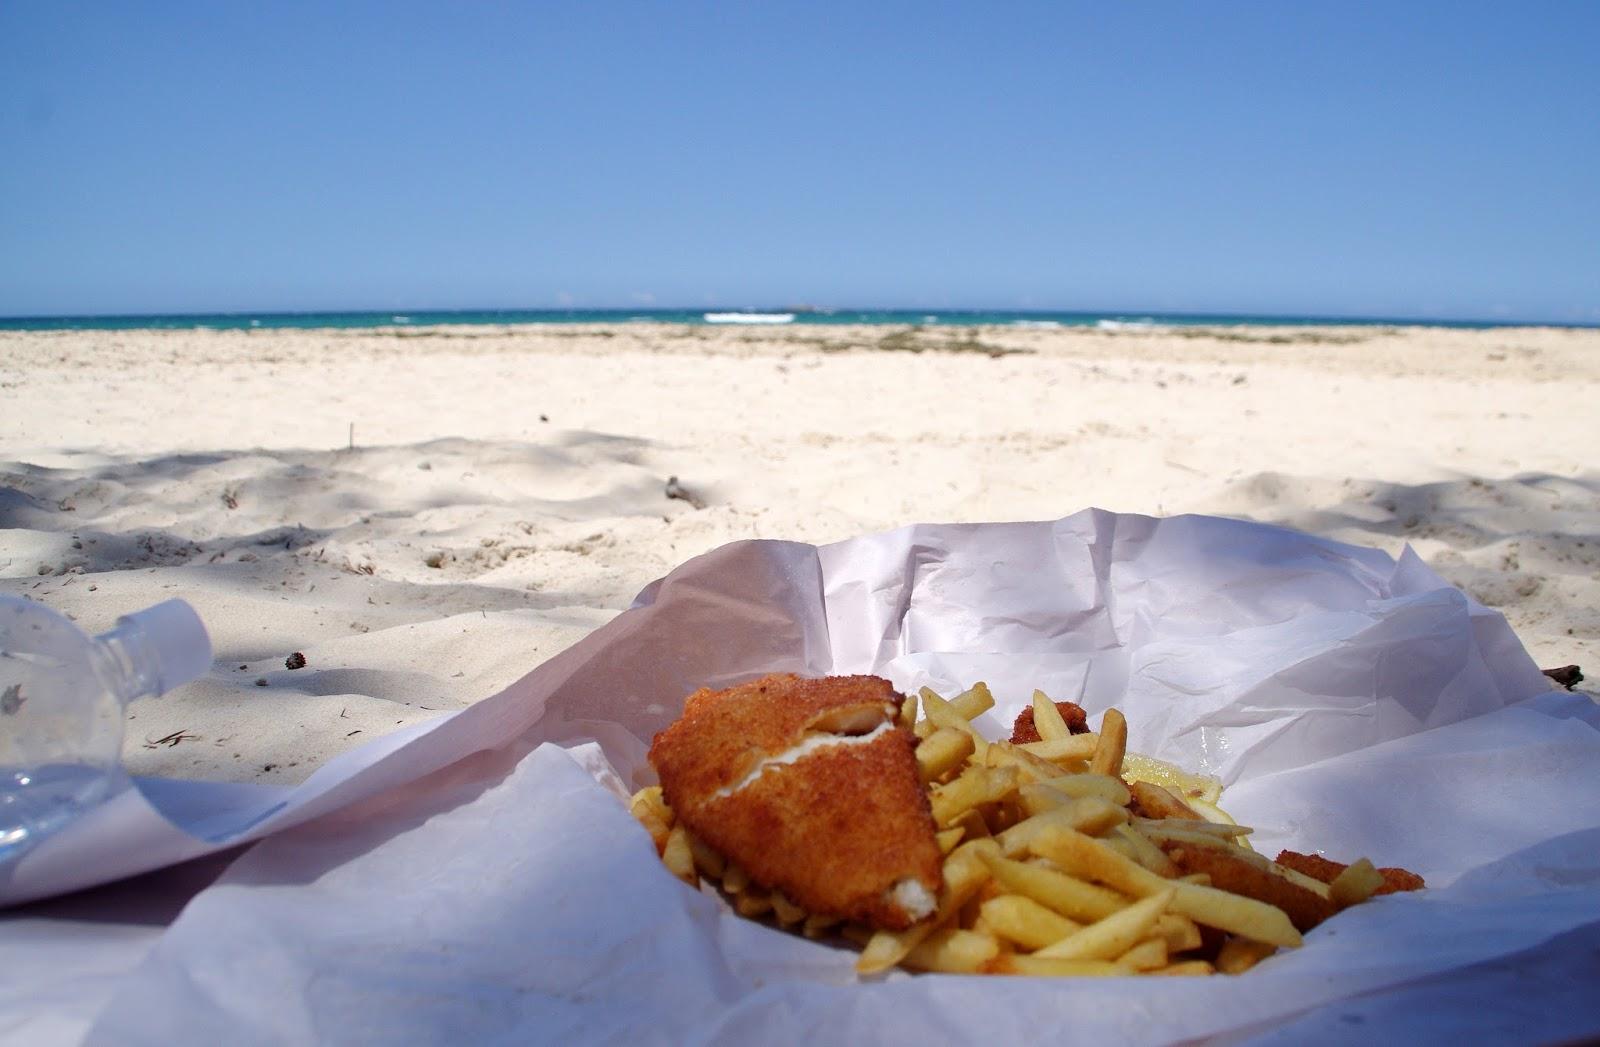 Fish and Chips at Beach